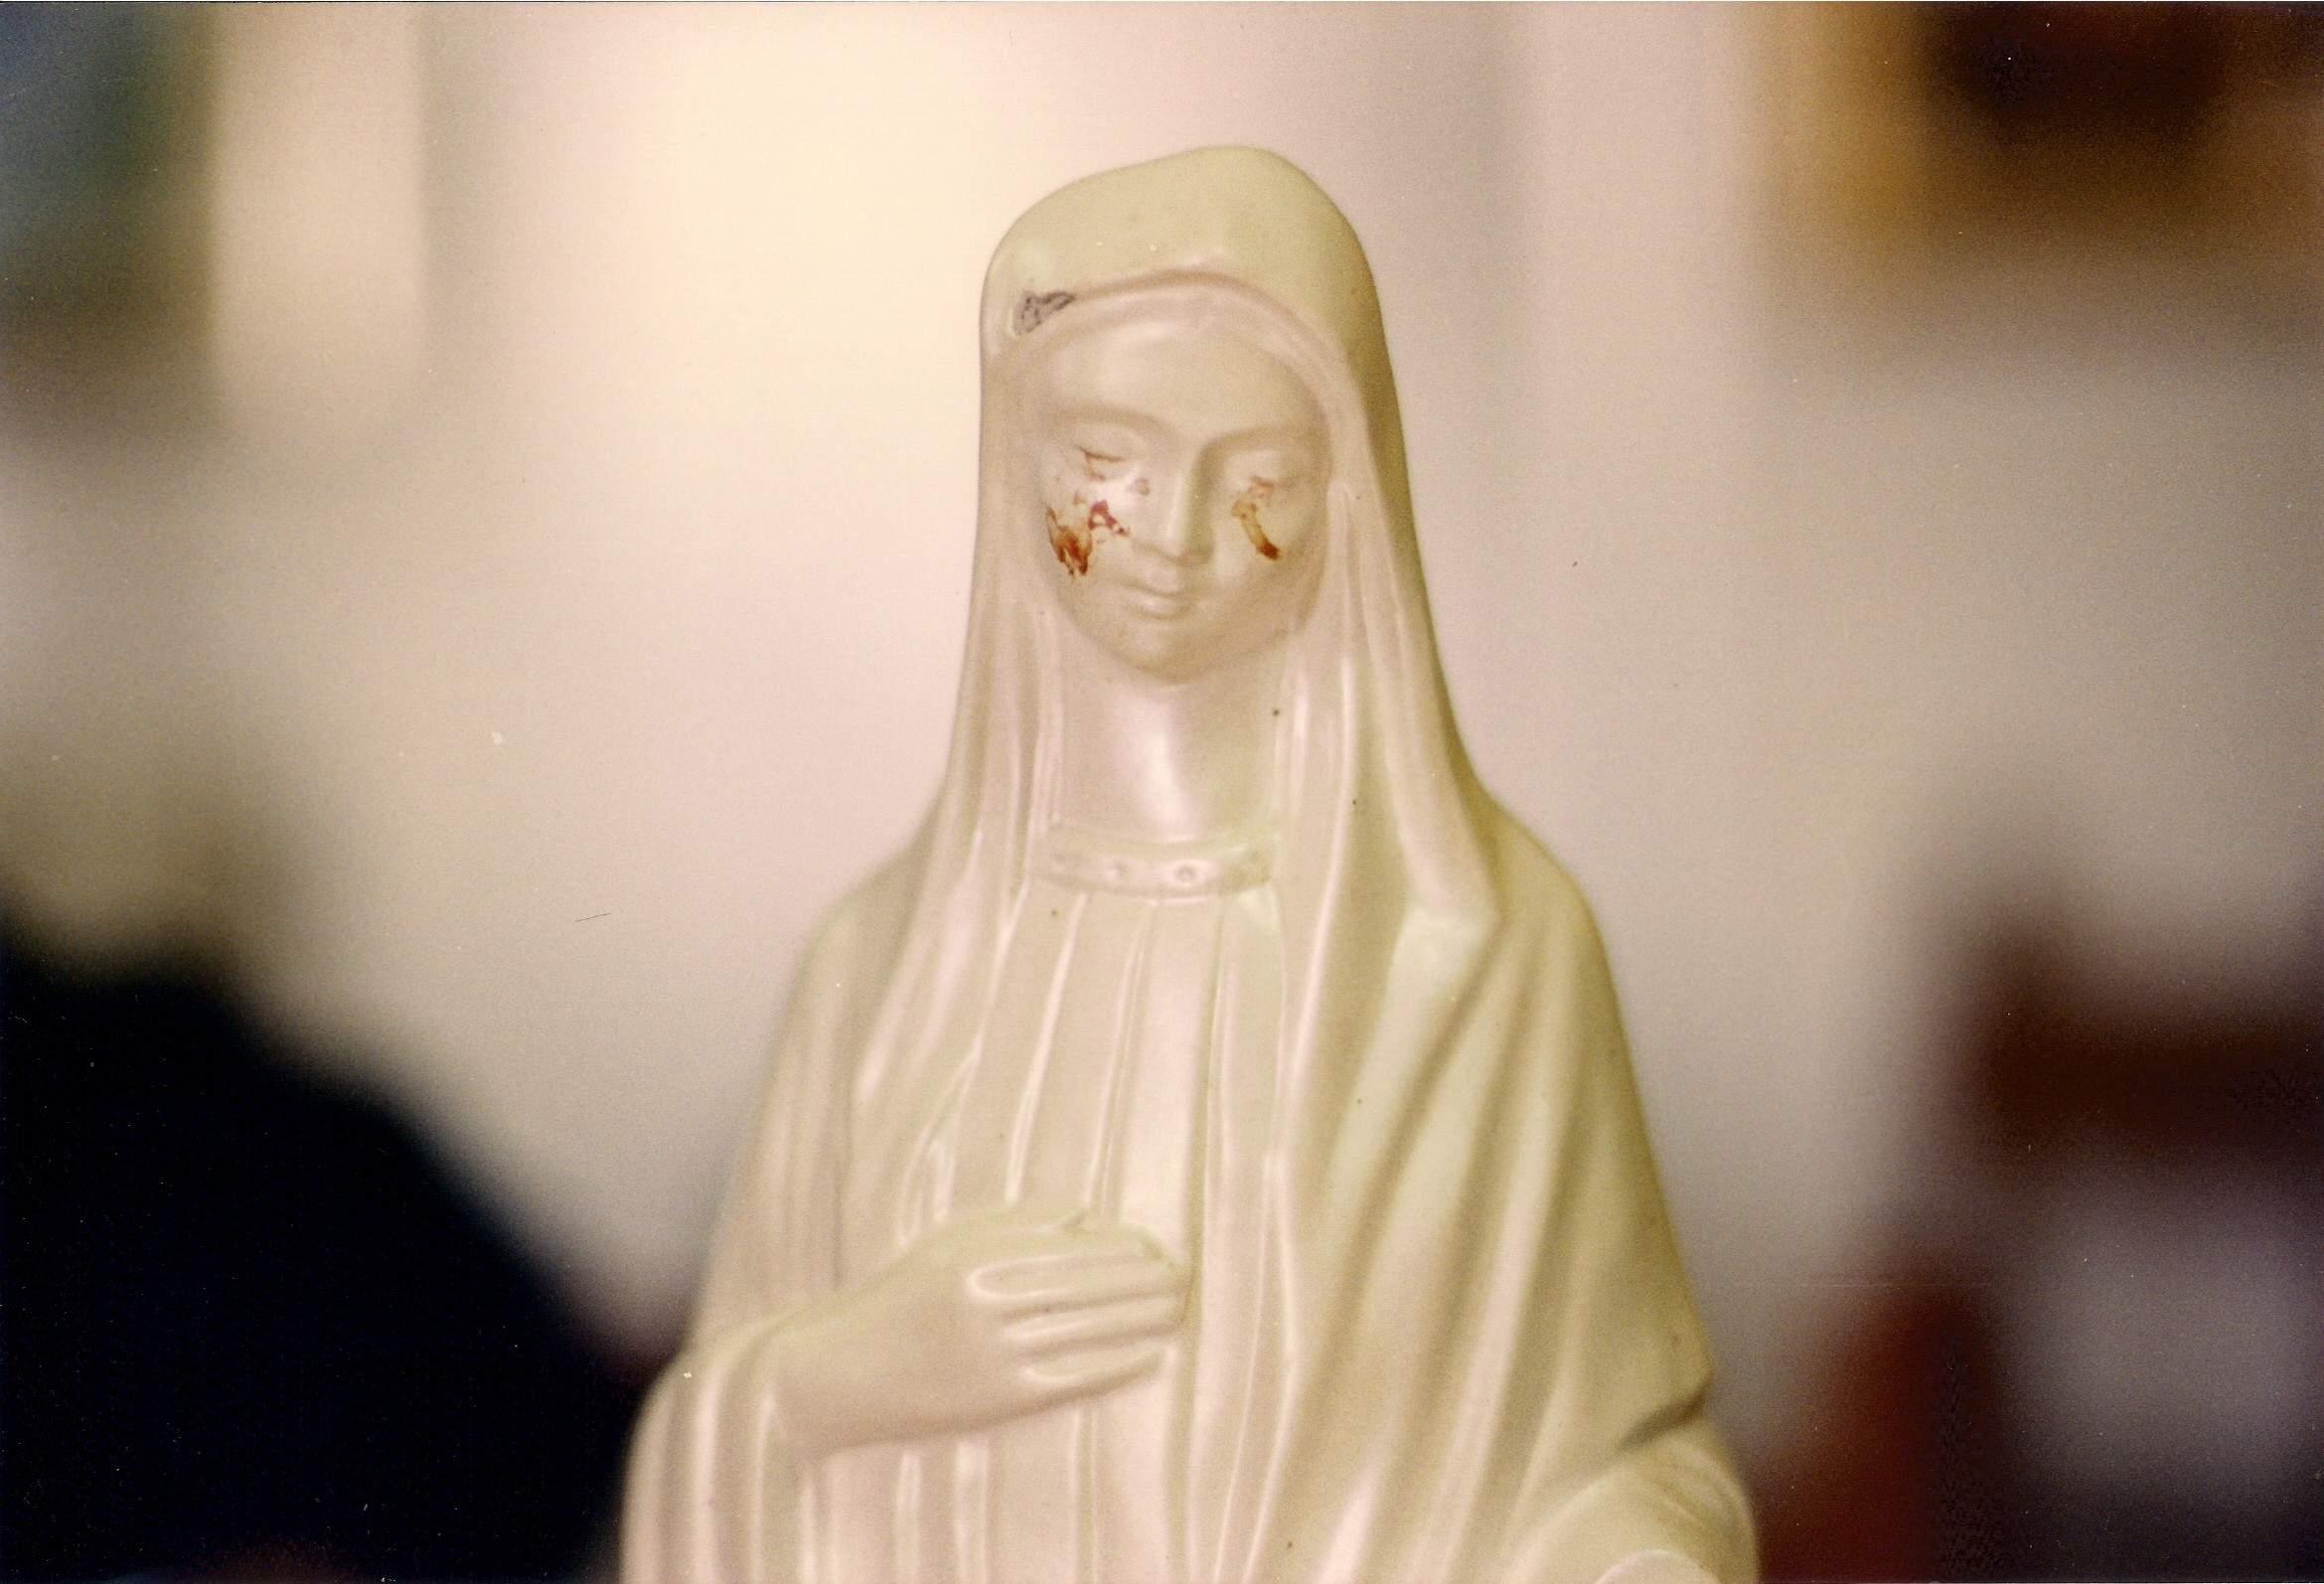 Virgen de la Paz de Civitavecchia, lloró en manos del Obispo que la quería destruir, Italia (2 feb)